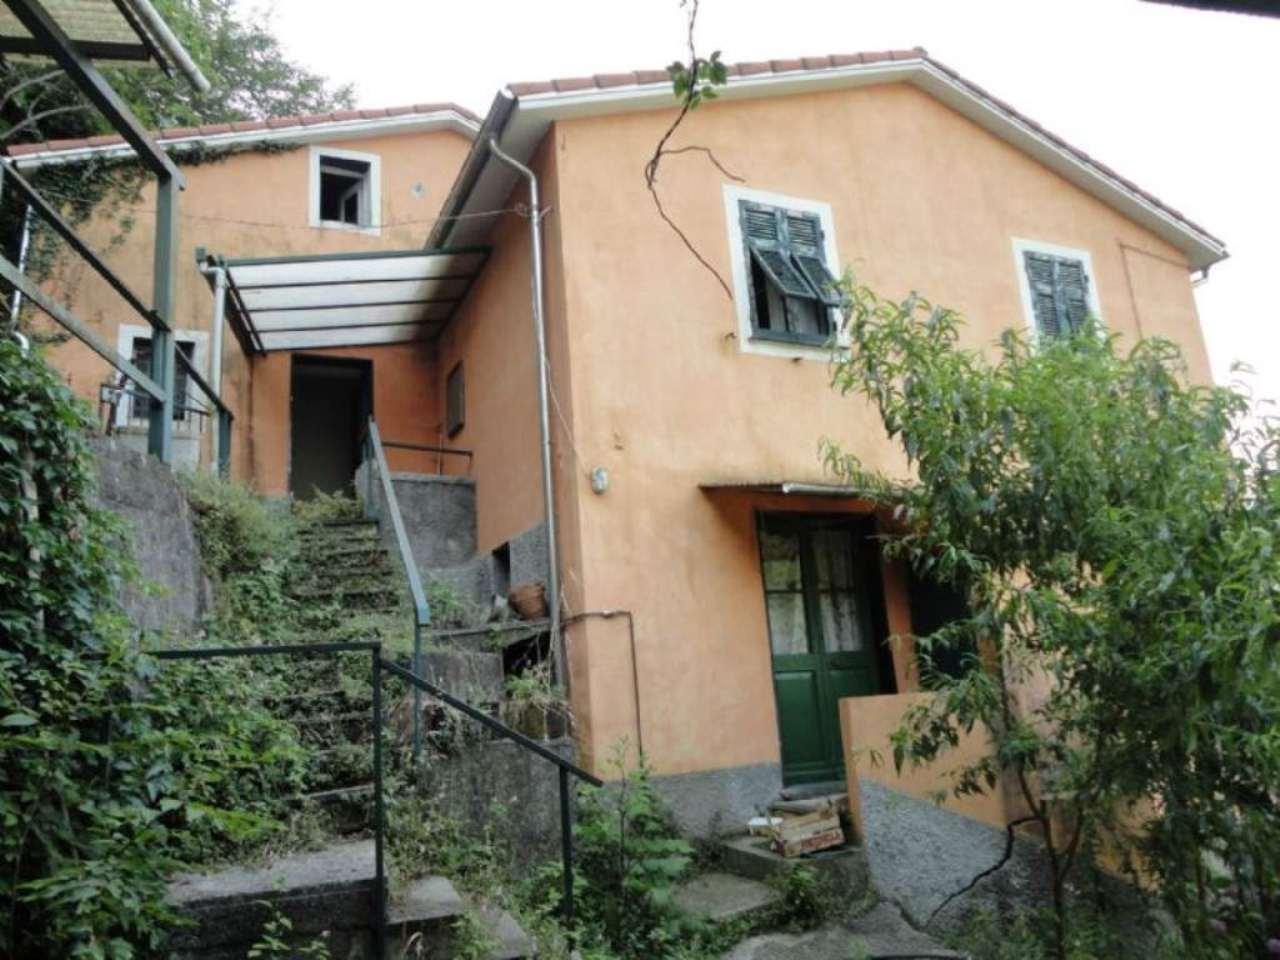 Soluzione Indipendente in vendita a Moconesi, 10 locali, prezzo € 90.000 | Cambio Casa.it